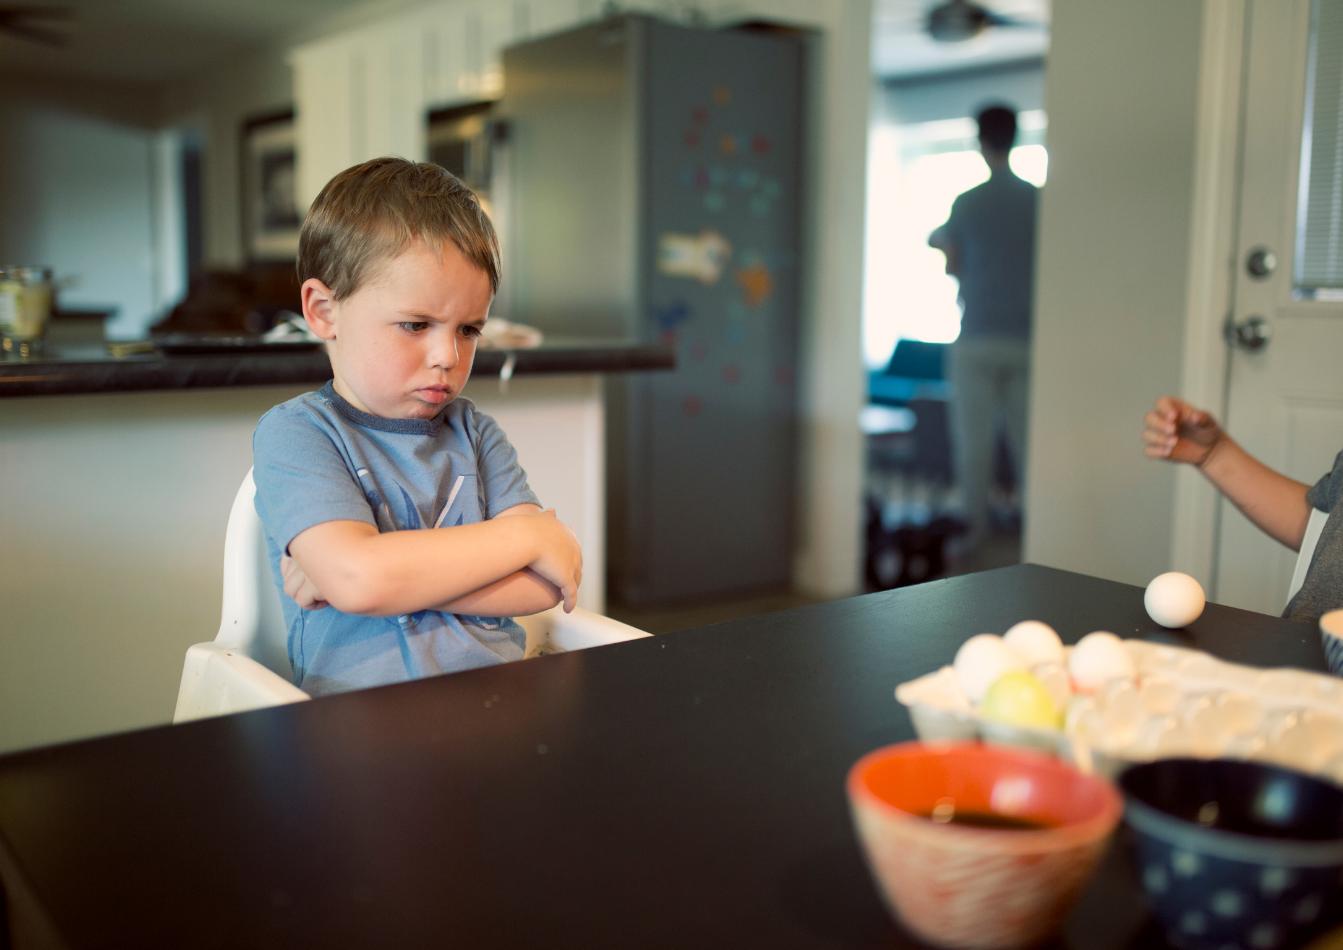 Emocje dziecka: złość i agresja – TEST ZAKOŃCZONY